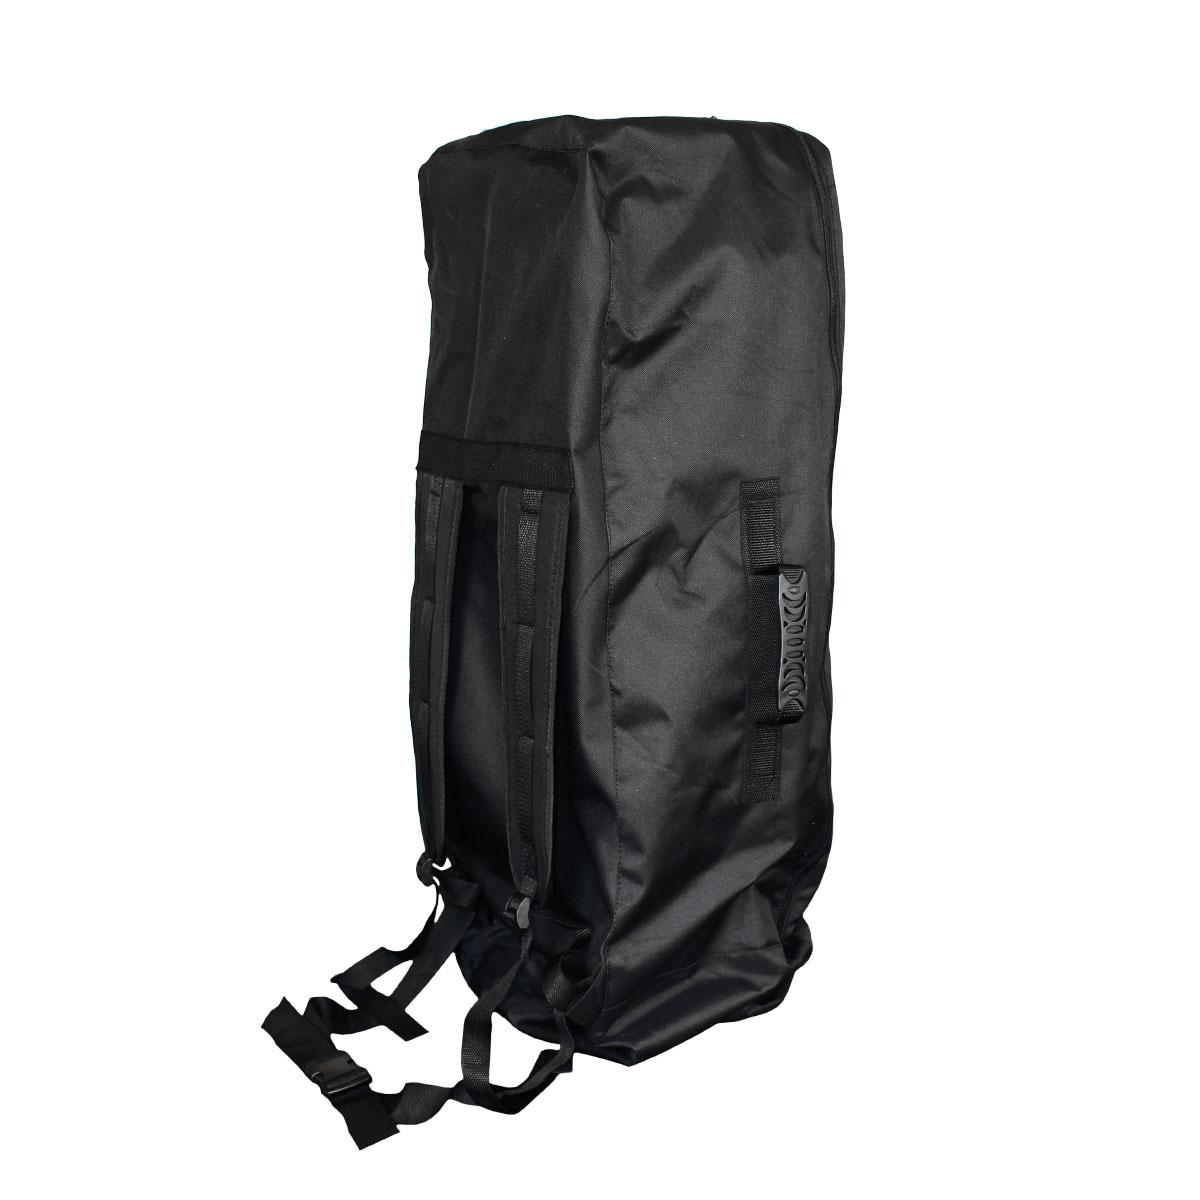 Ochranný obal - batoh na paddleboardy MASTER